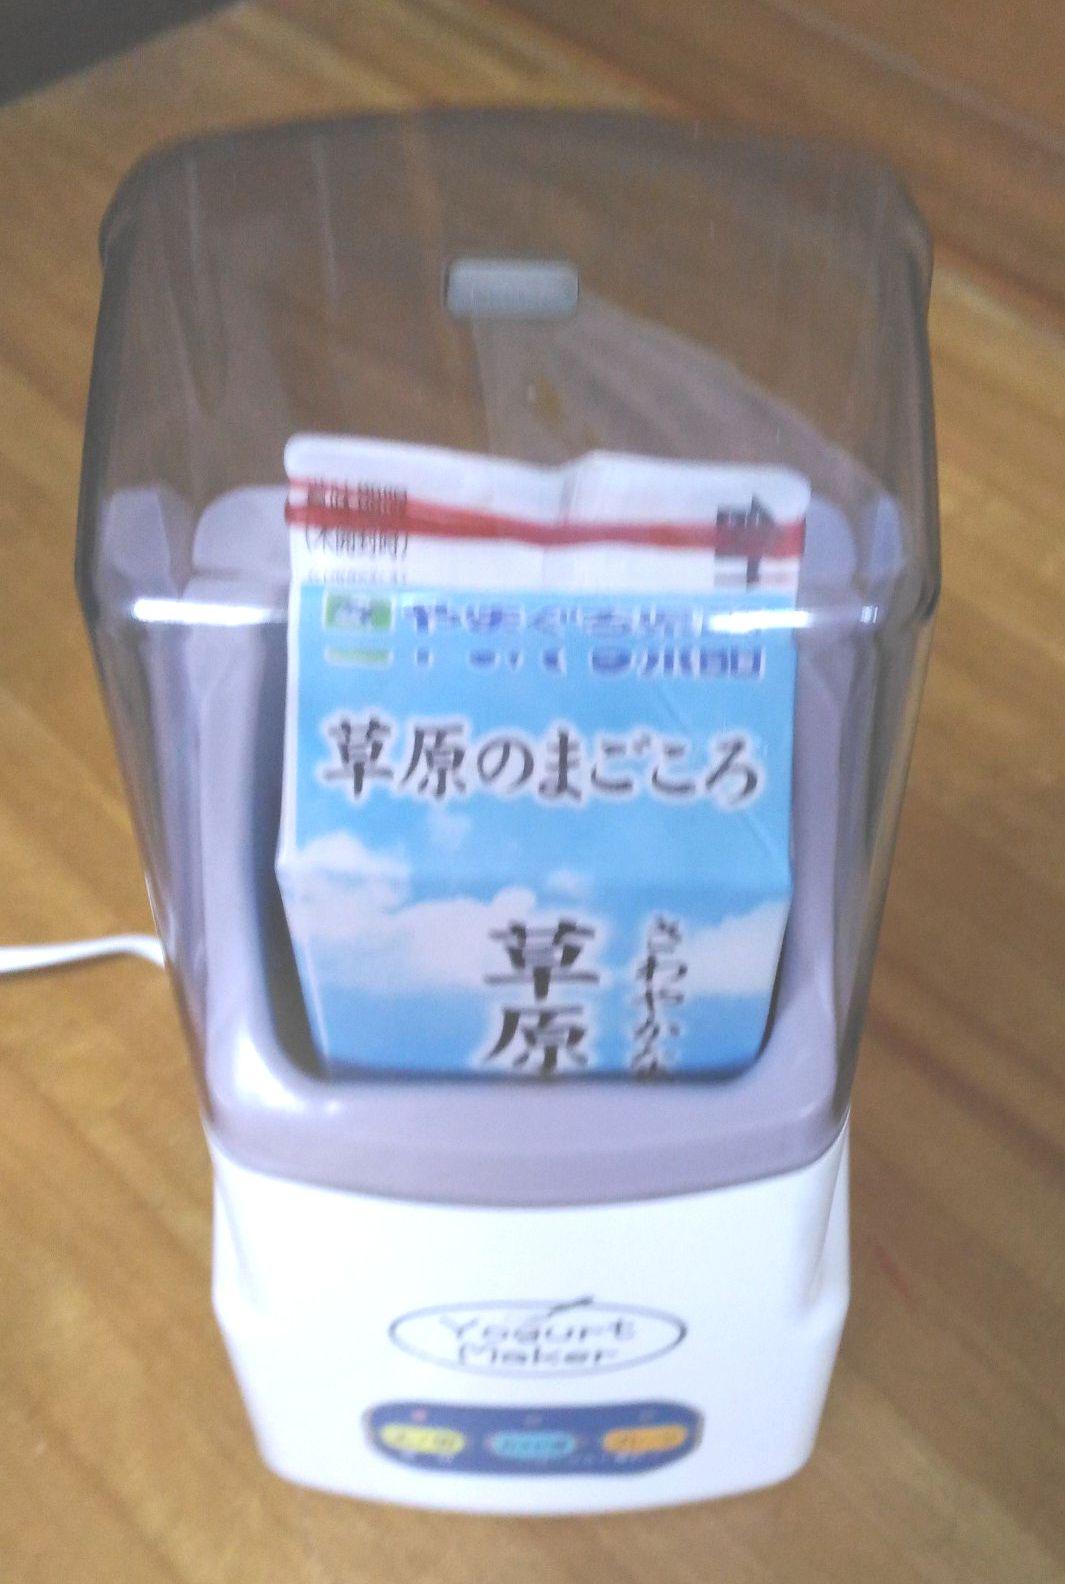 乳飲料で作ったR-1は失敗